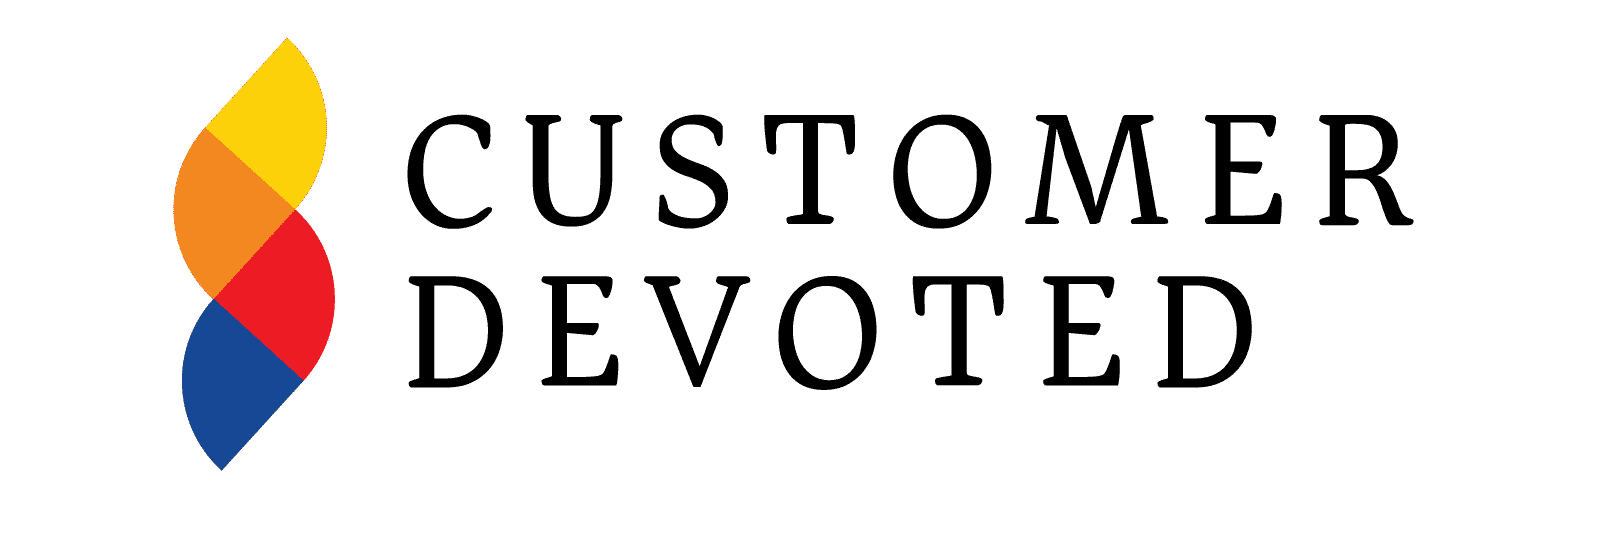 Customer Devoted